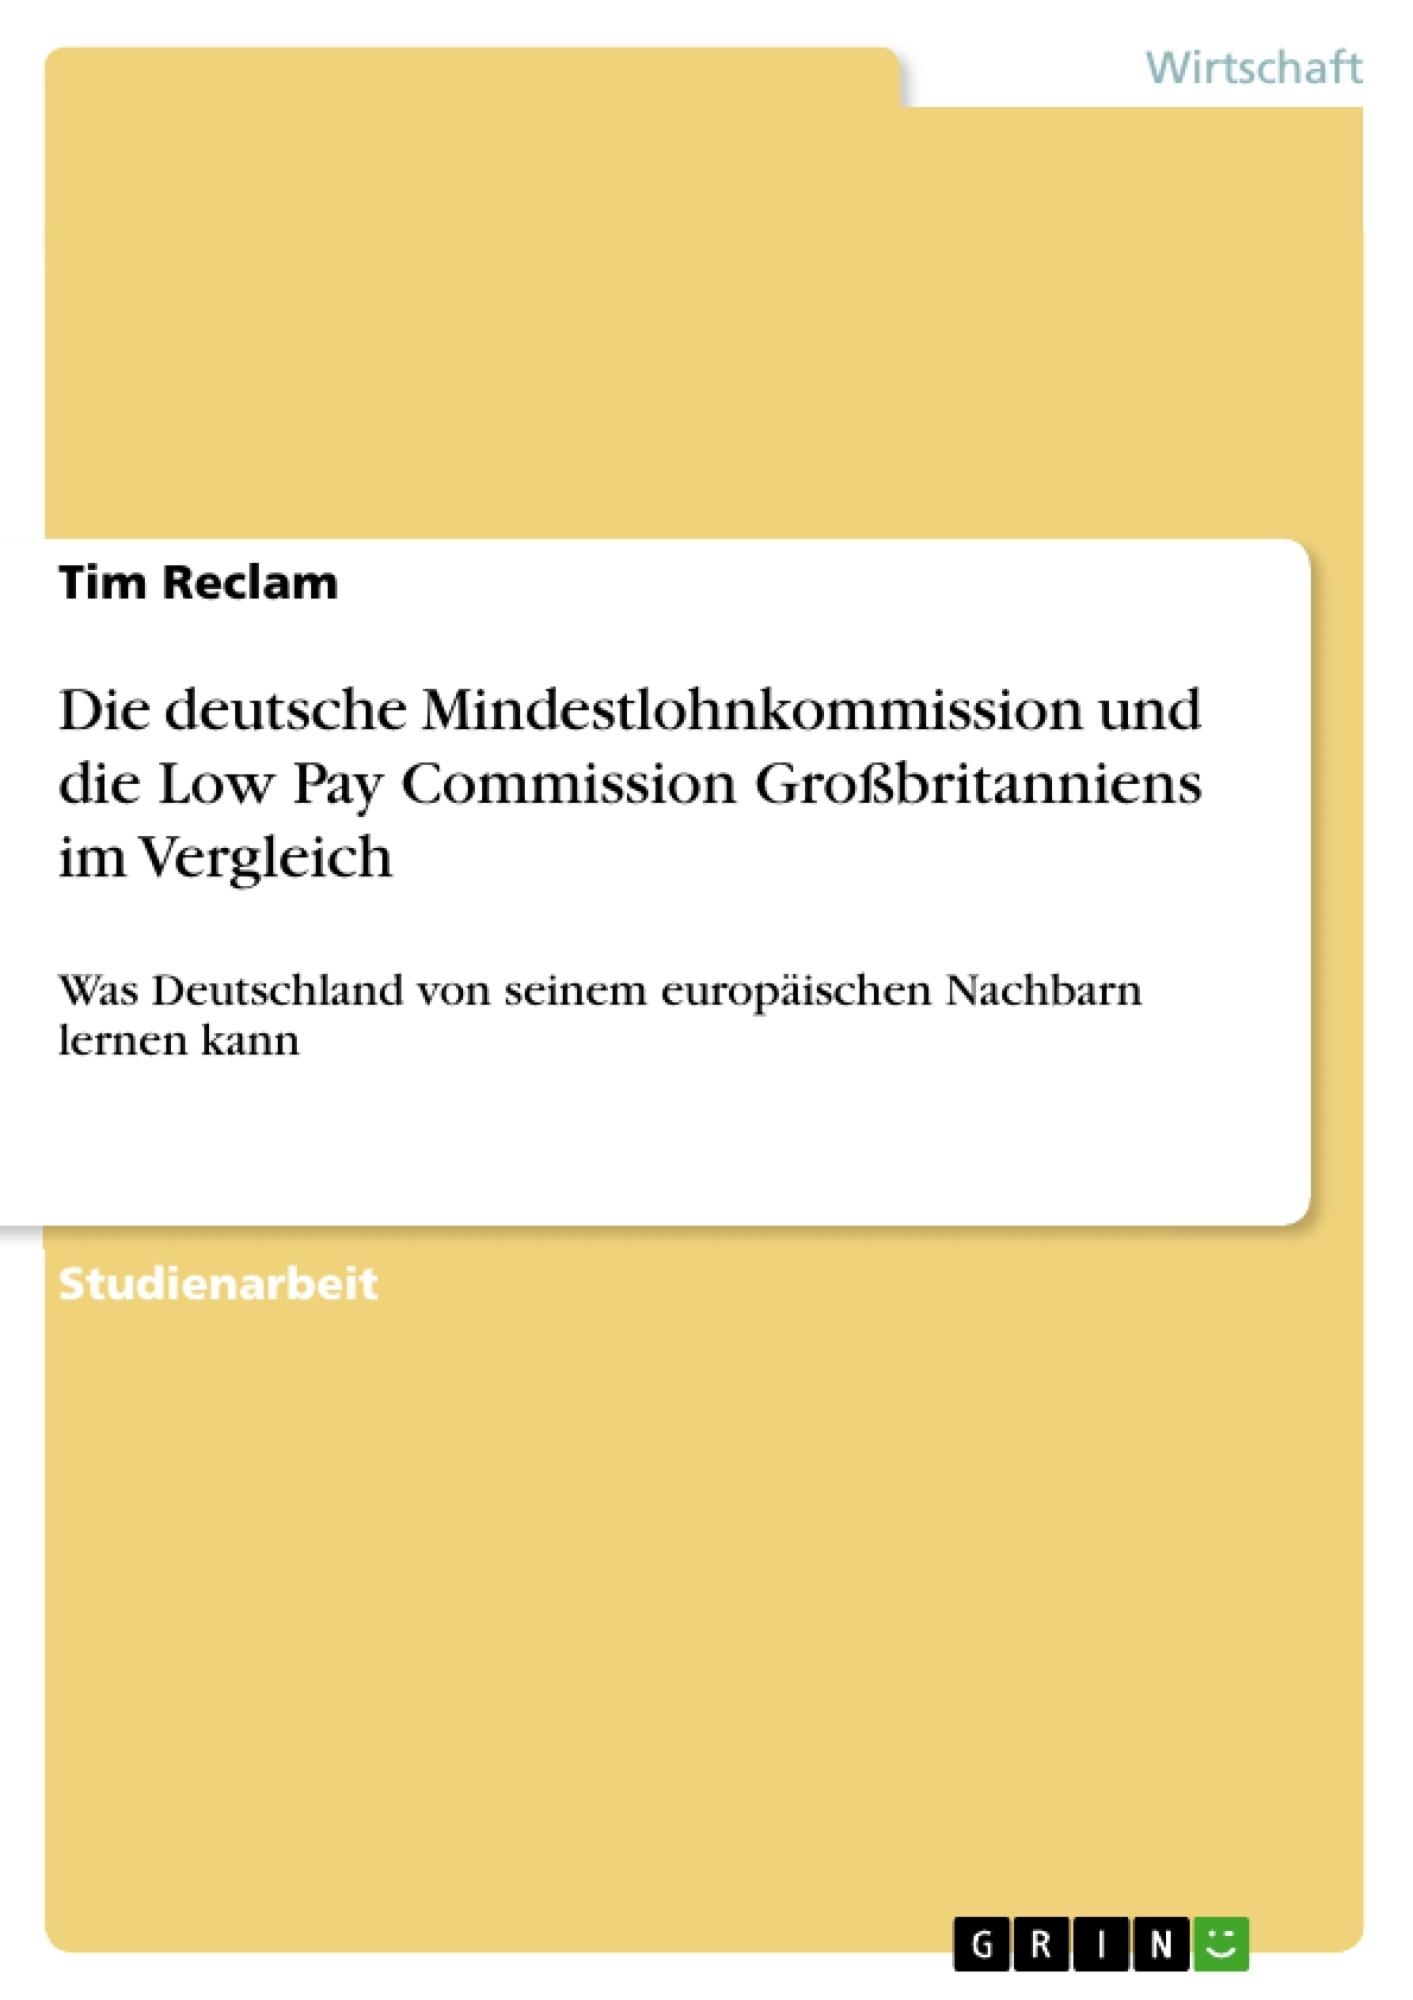 Titel: Die deutsche Mindestlohnkommission und die Low Pay Commission Großbritanniens im Vergleich